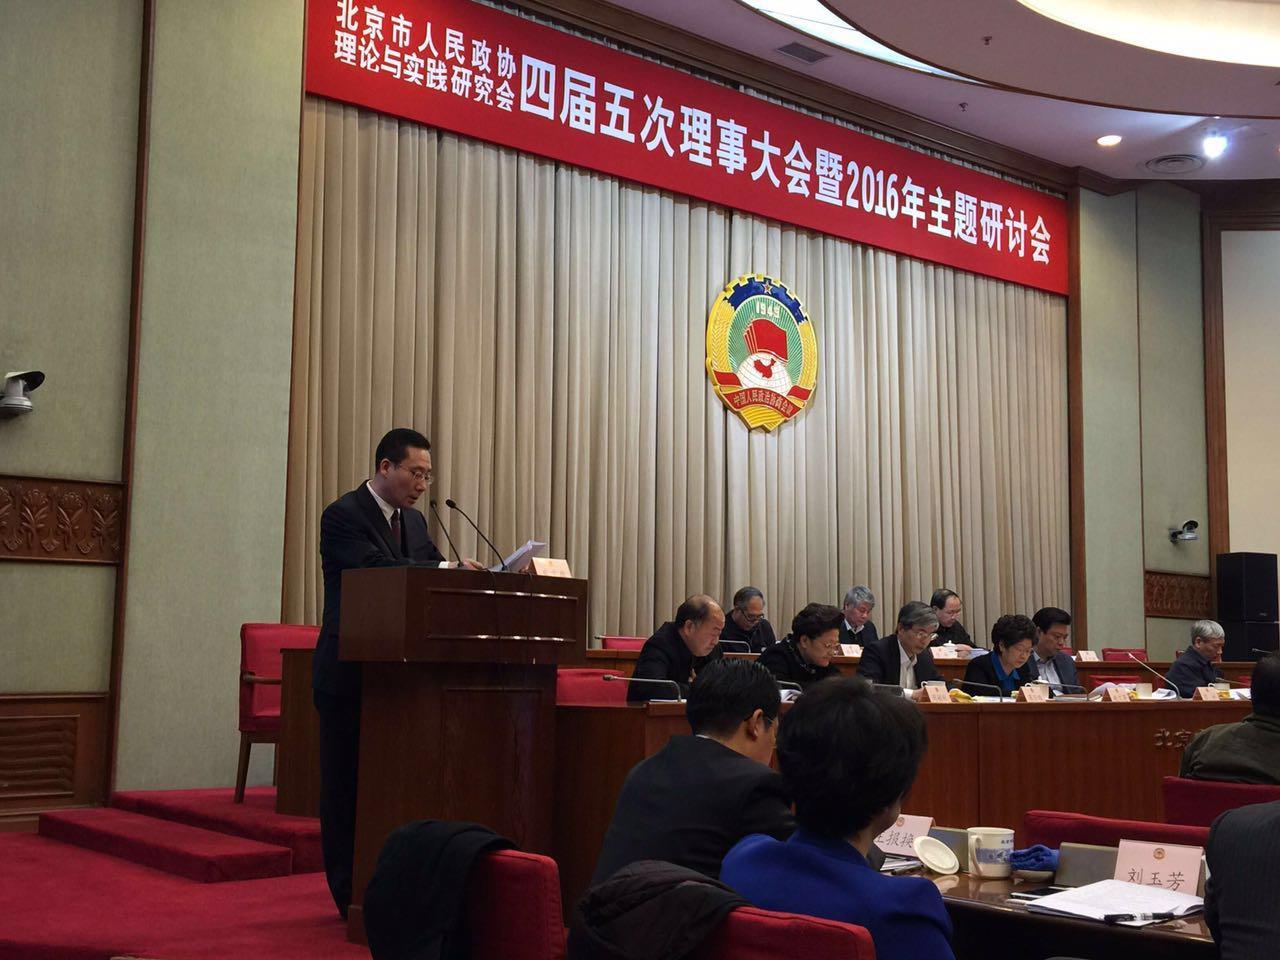 冯晓光副主席参加市政协理论与实践研究会四届五次理事大会